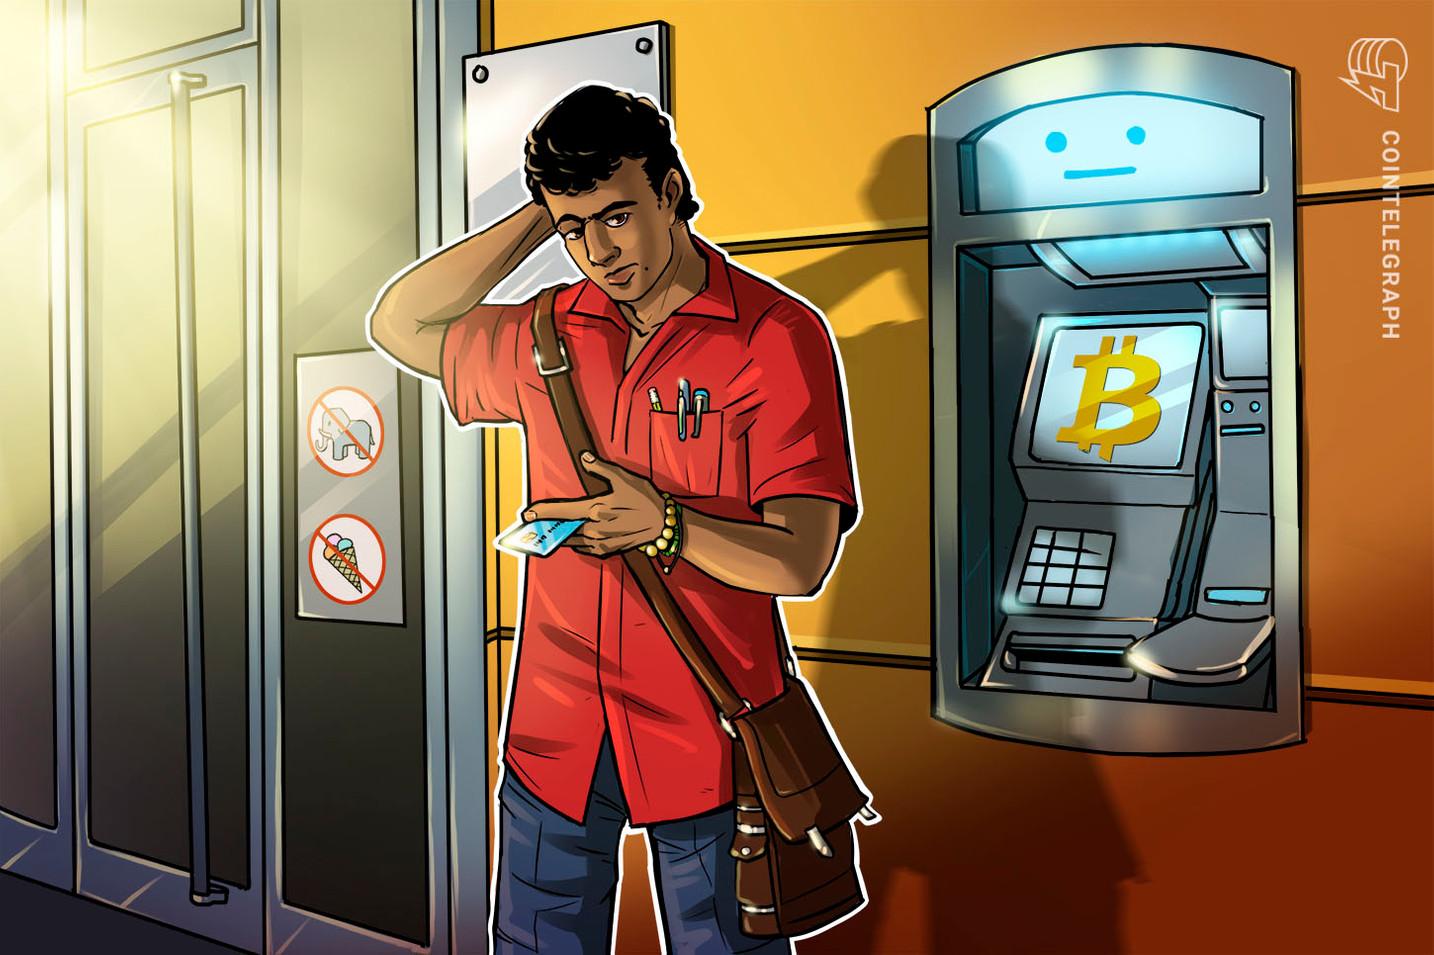 Investigadores criminais do IRS analisam caixas eletrônicos e quiosques de Bitcoin